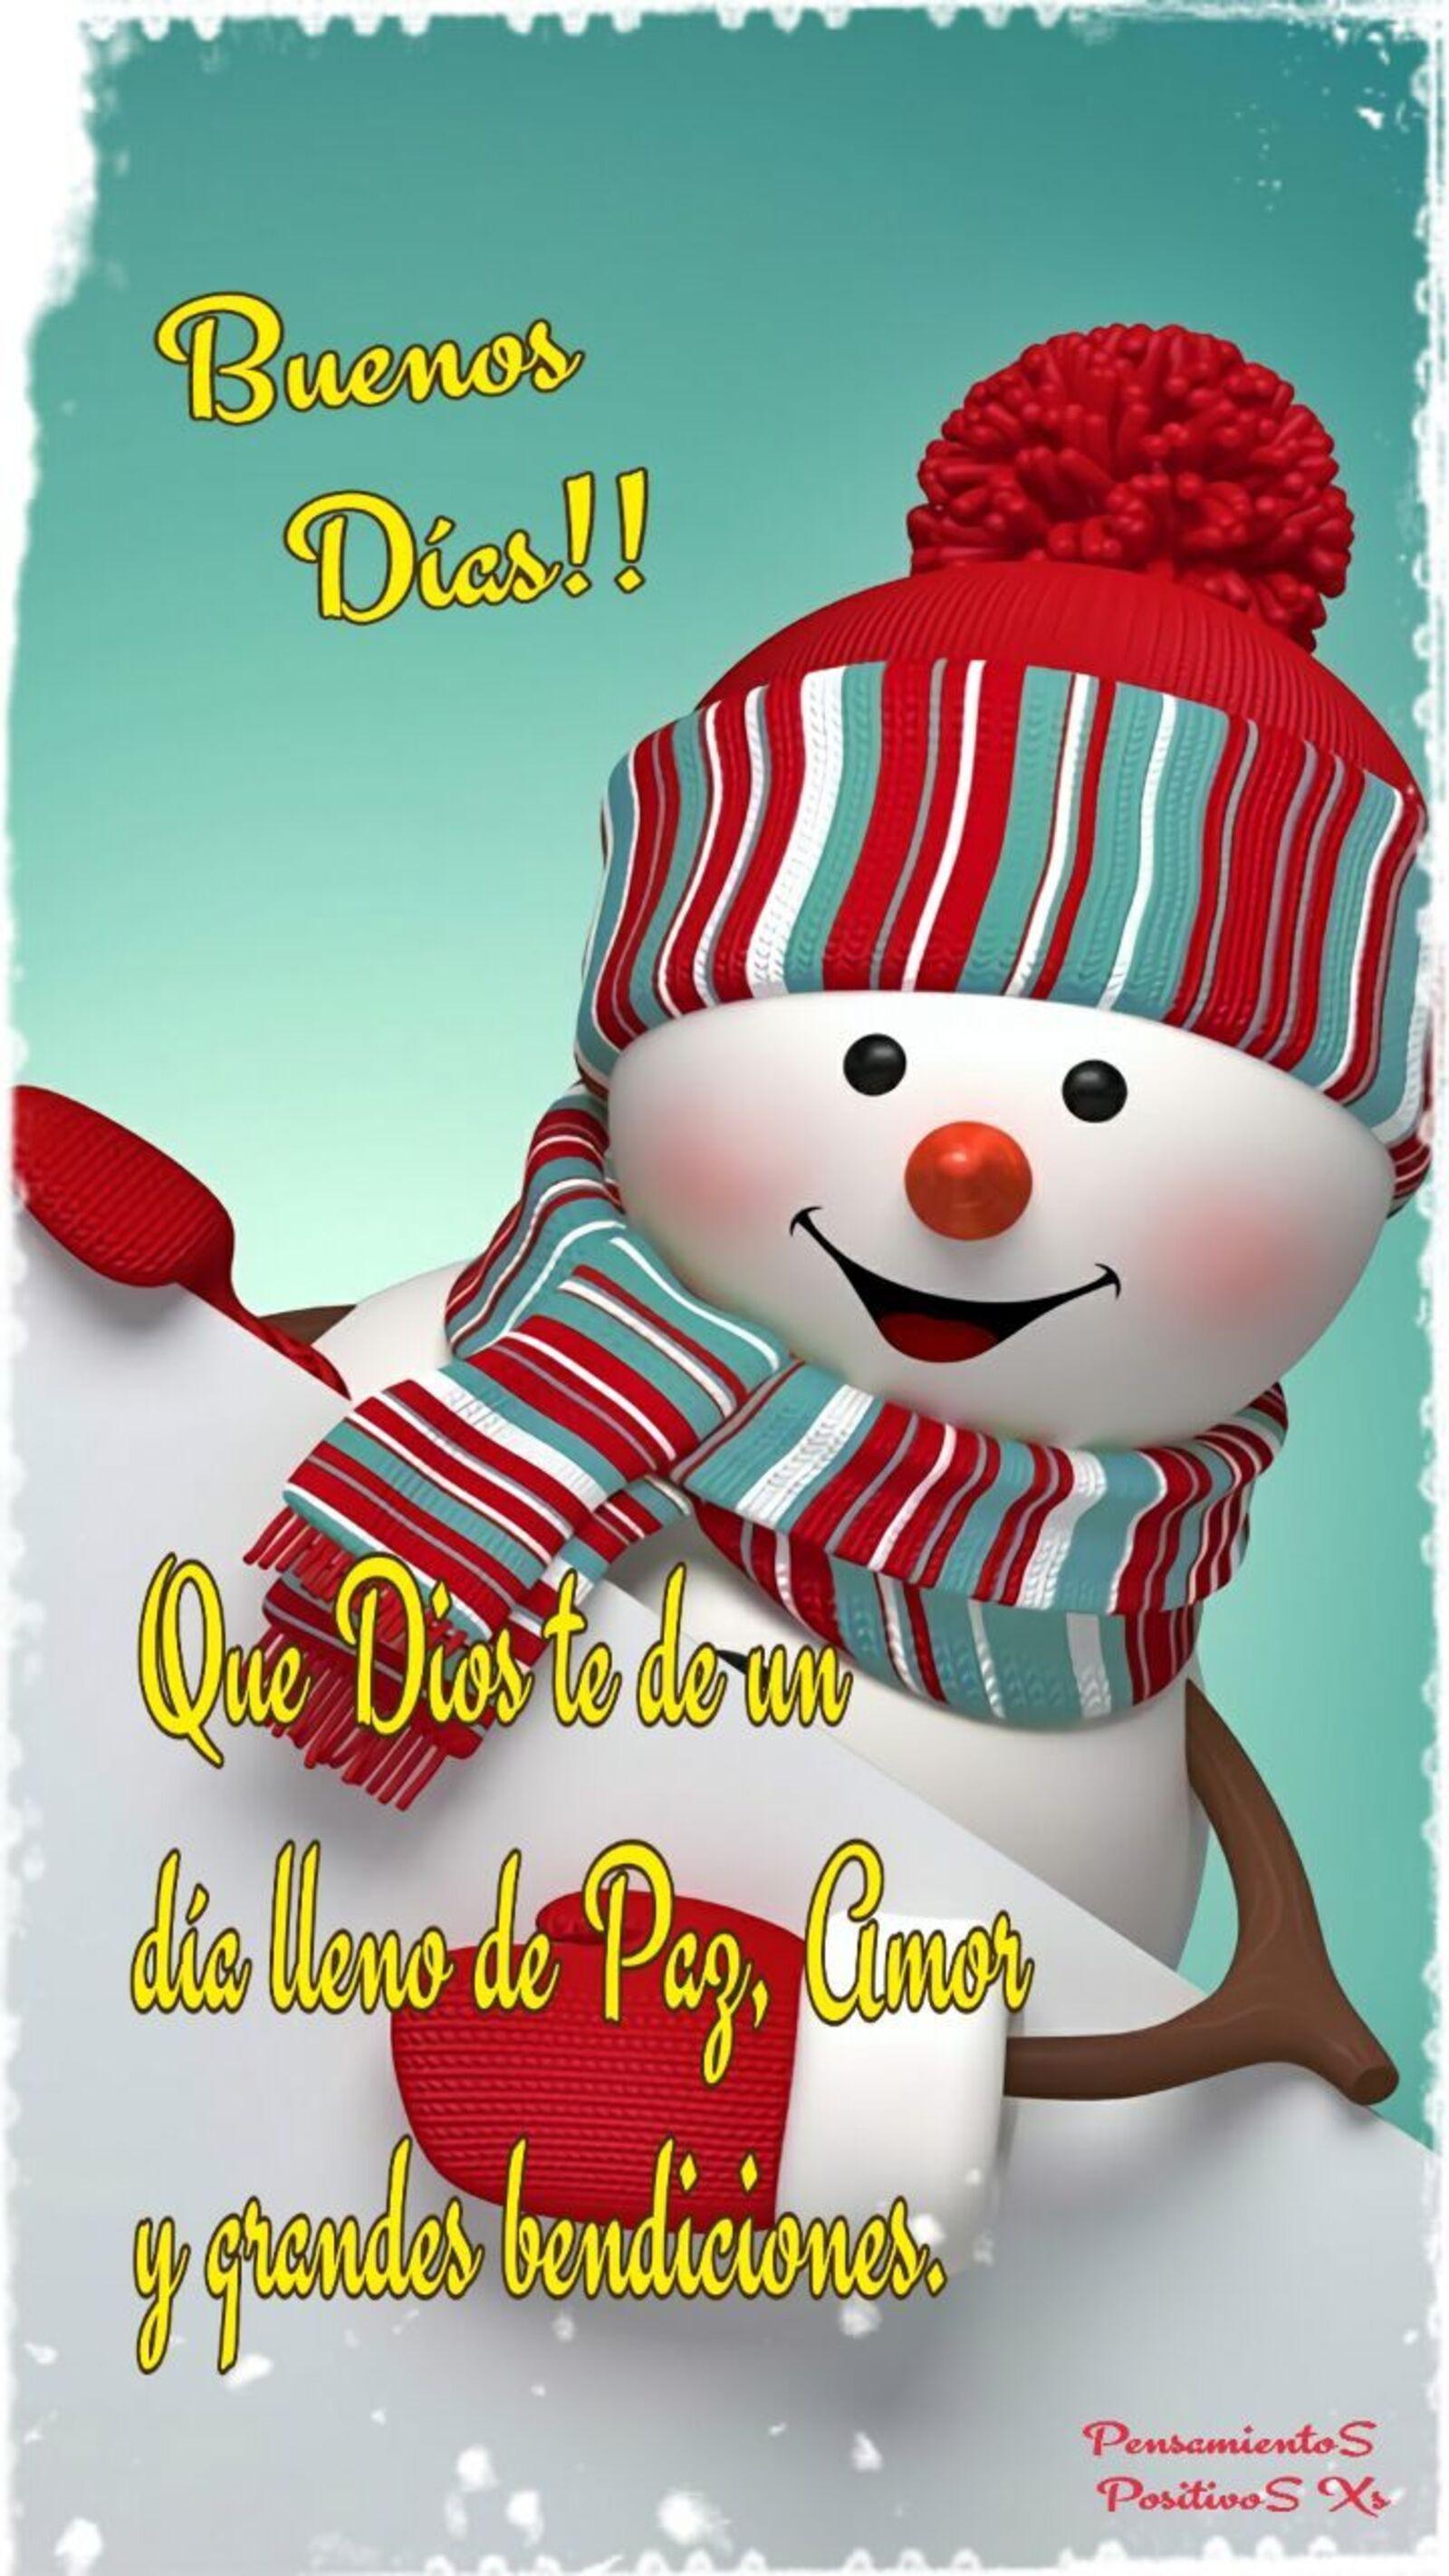 Buenos días que Dios te de un día lleno de paz, amor y grandes bendiciones